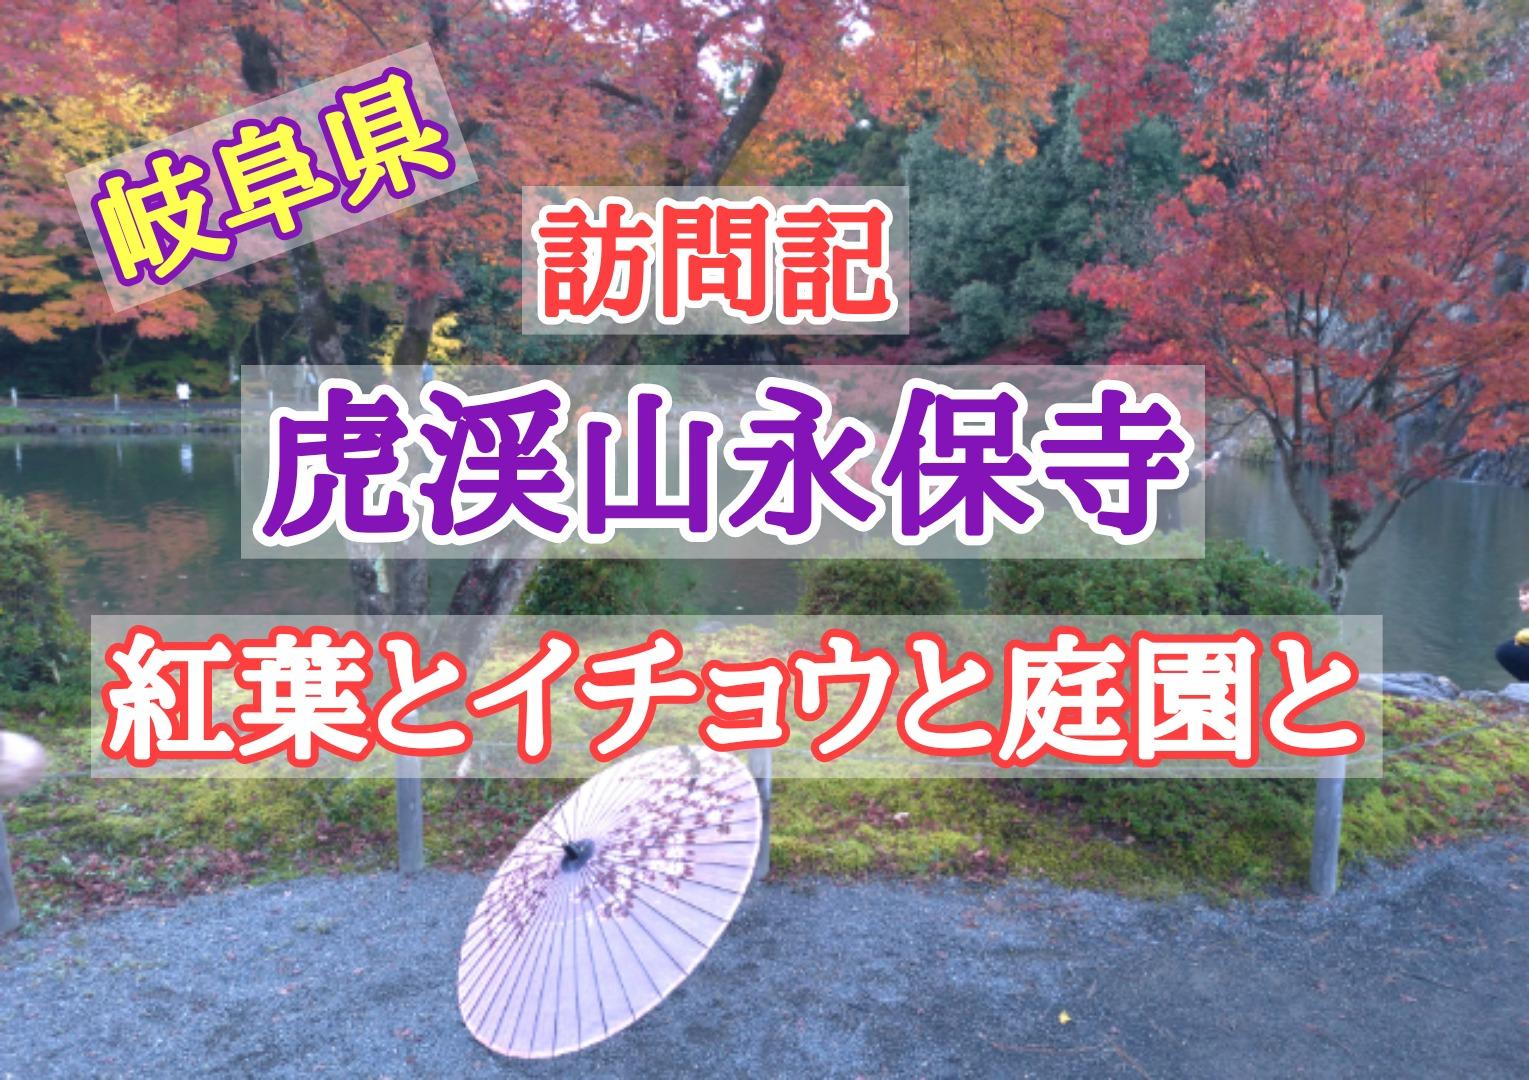 虎渓山永保寺訪問レビュー 紅葉とイチョウと庭園と